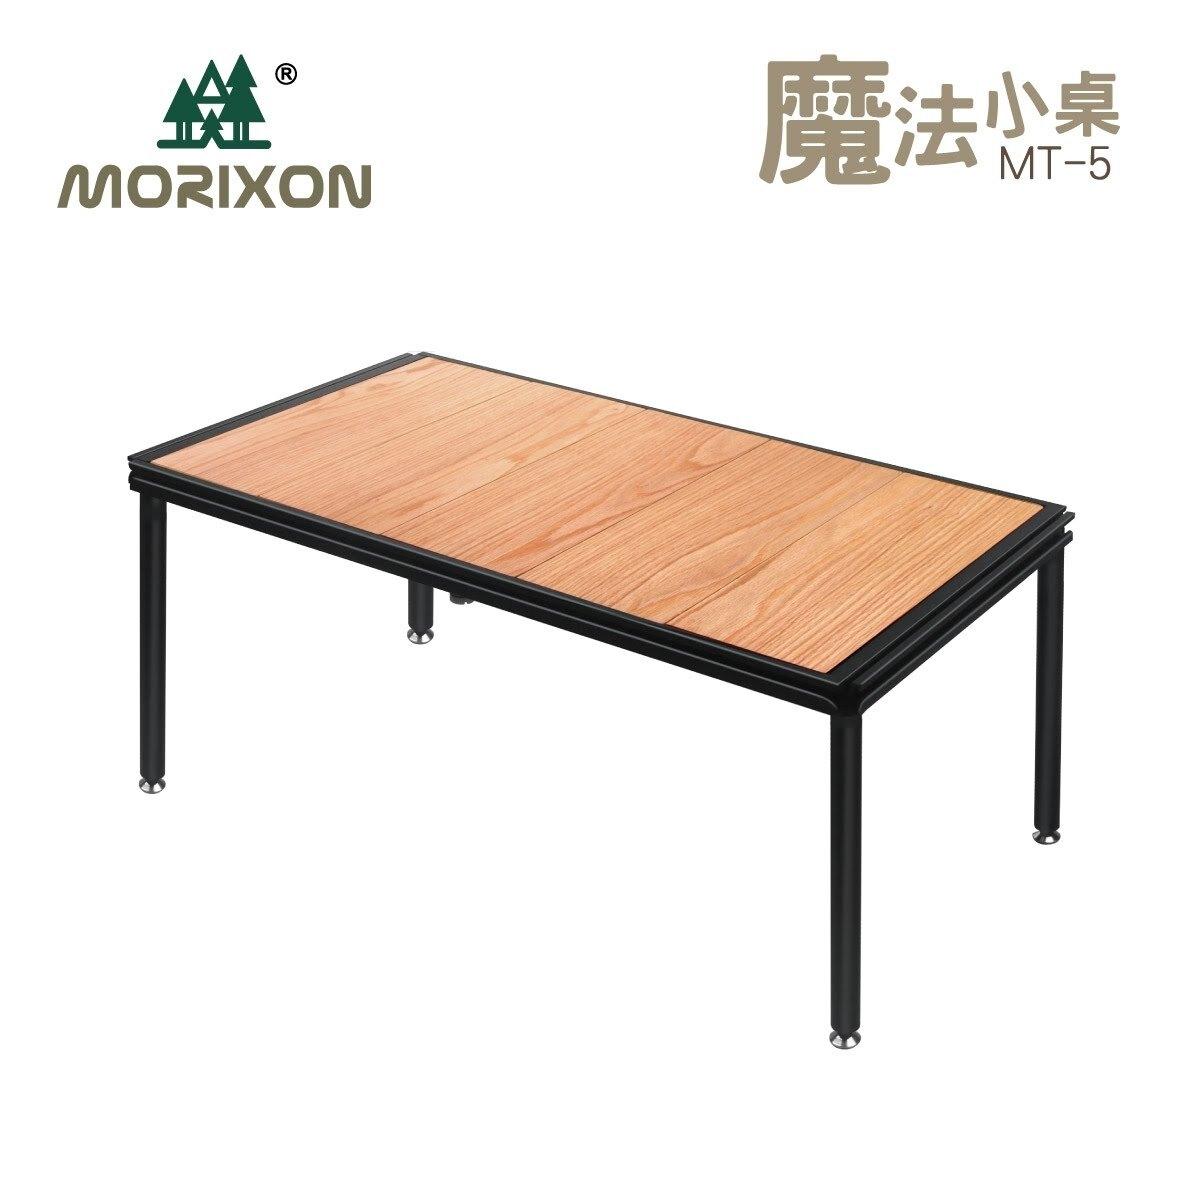 【露營好夥伴】Morixon-MT-5B 魔法小桌 橡木桌板  露營桌 摺疊桌 野餐桌 戶外桌 攜帶桌 迷你桌 防潑水